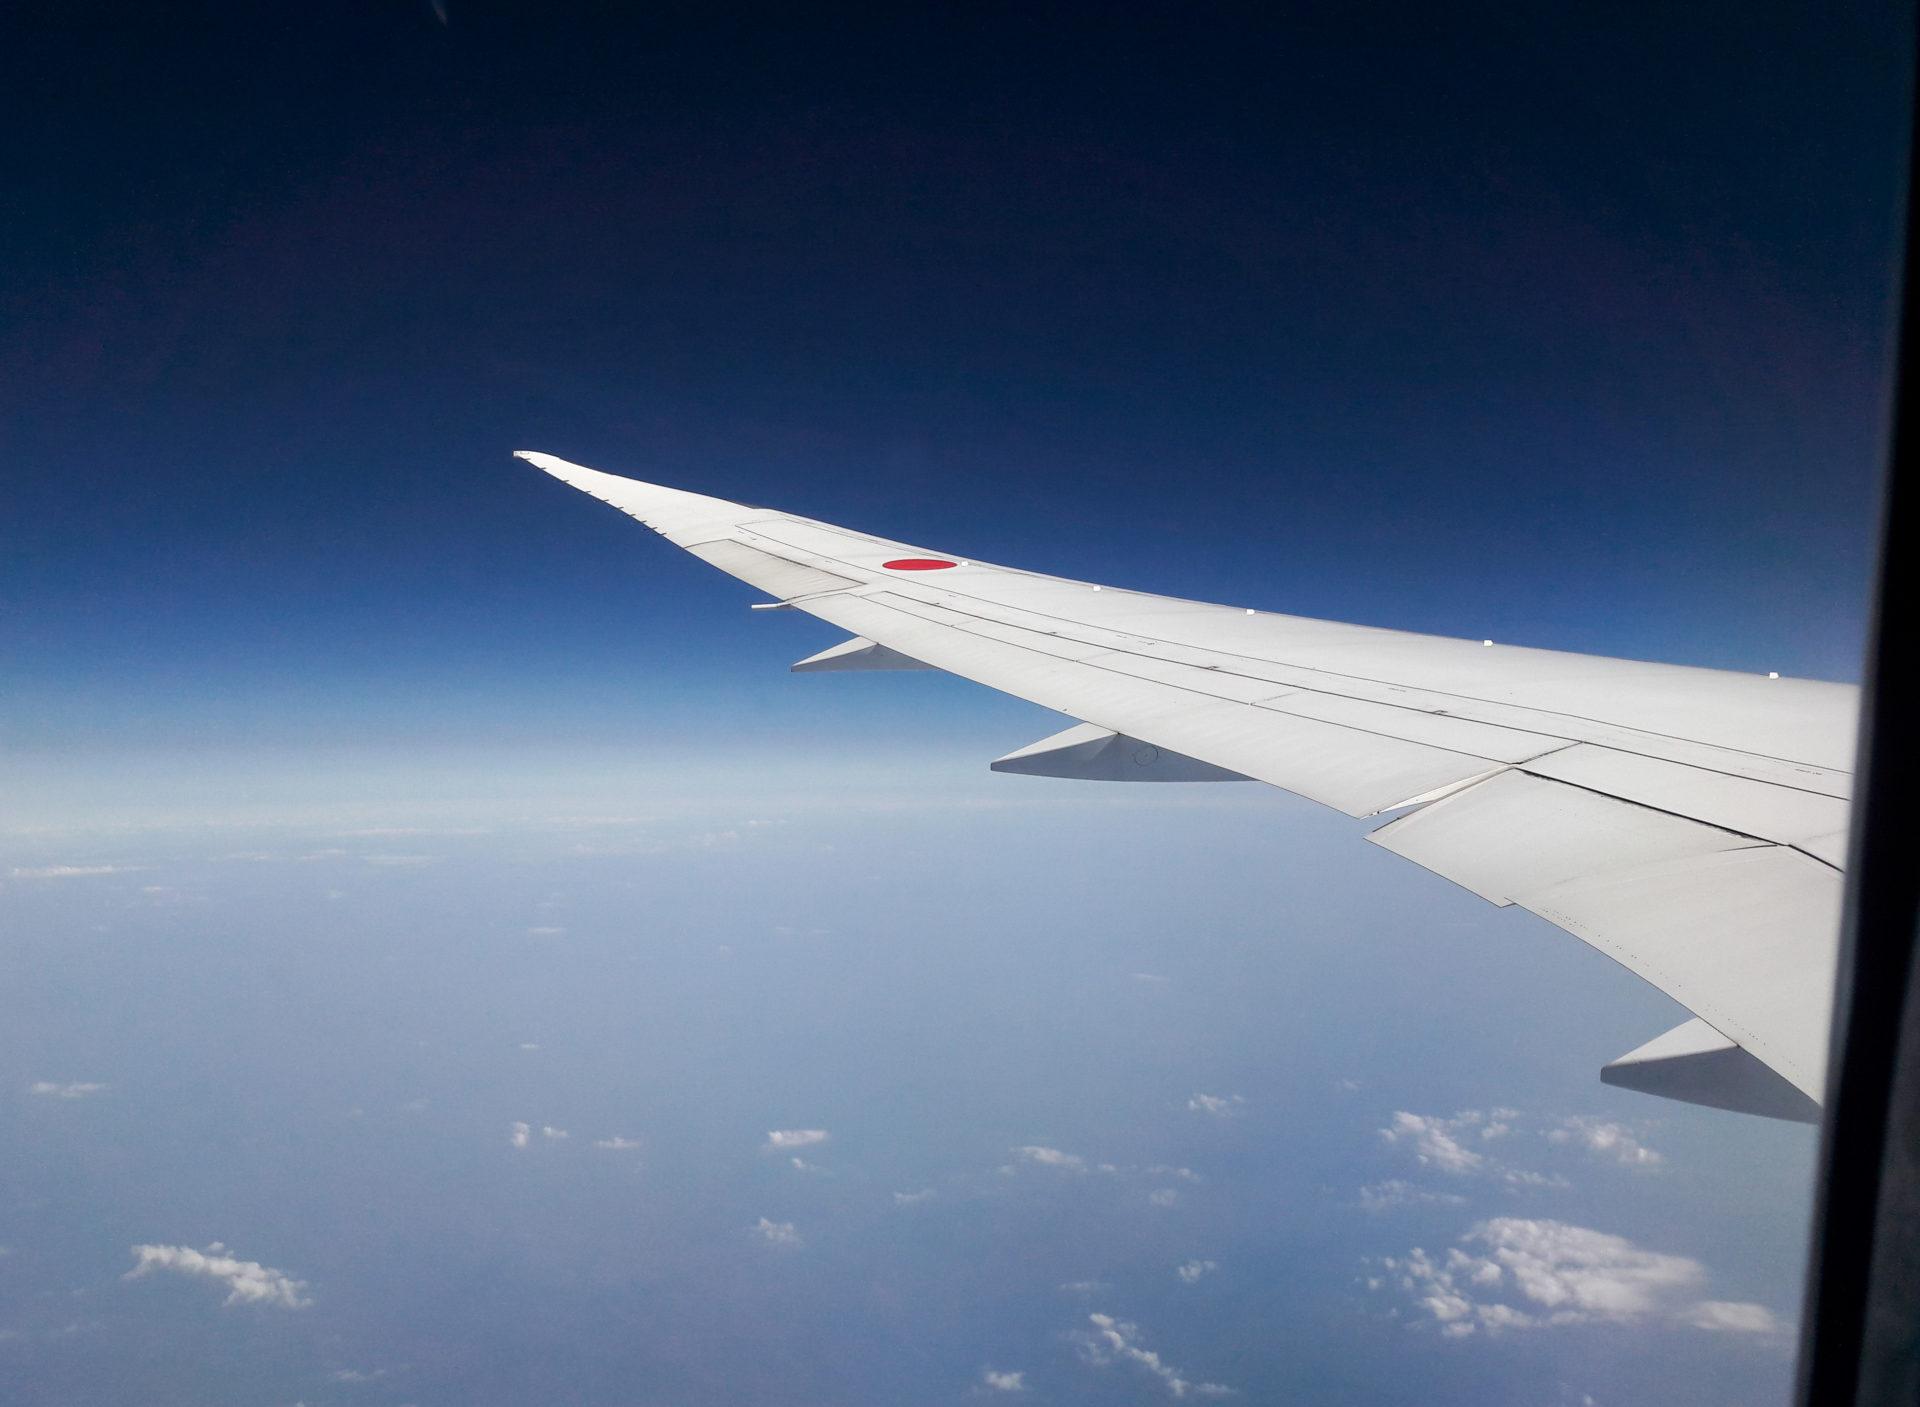 Vol Paris Tokyo avec ANA - Escale à Tokyo: 24h dans la capitale du Japon - Tokyo en 24h - Récit et itinéraire pour visiter Tokyo en une journée